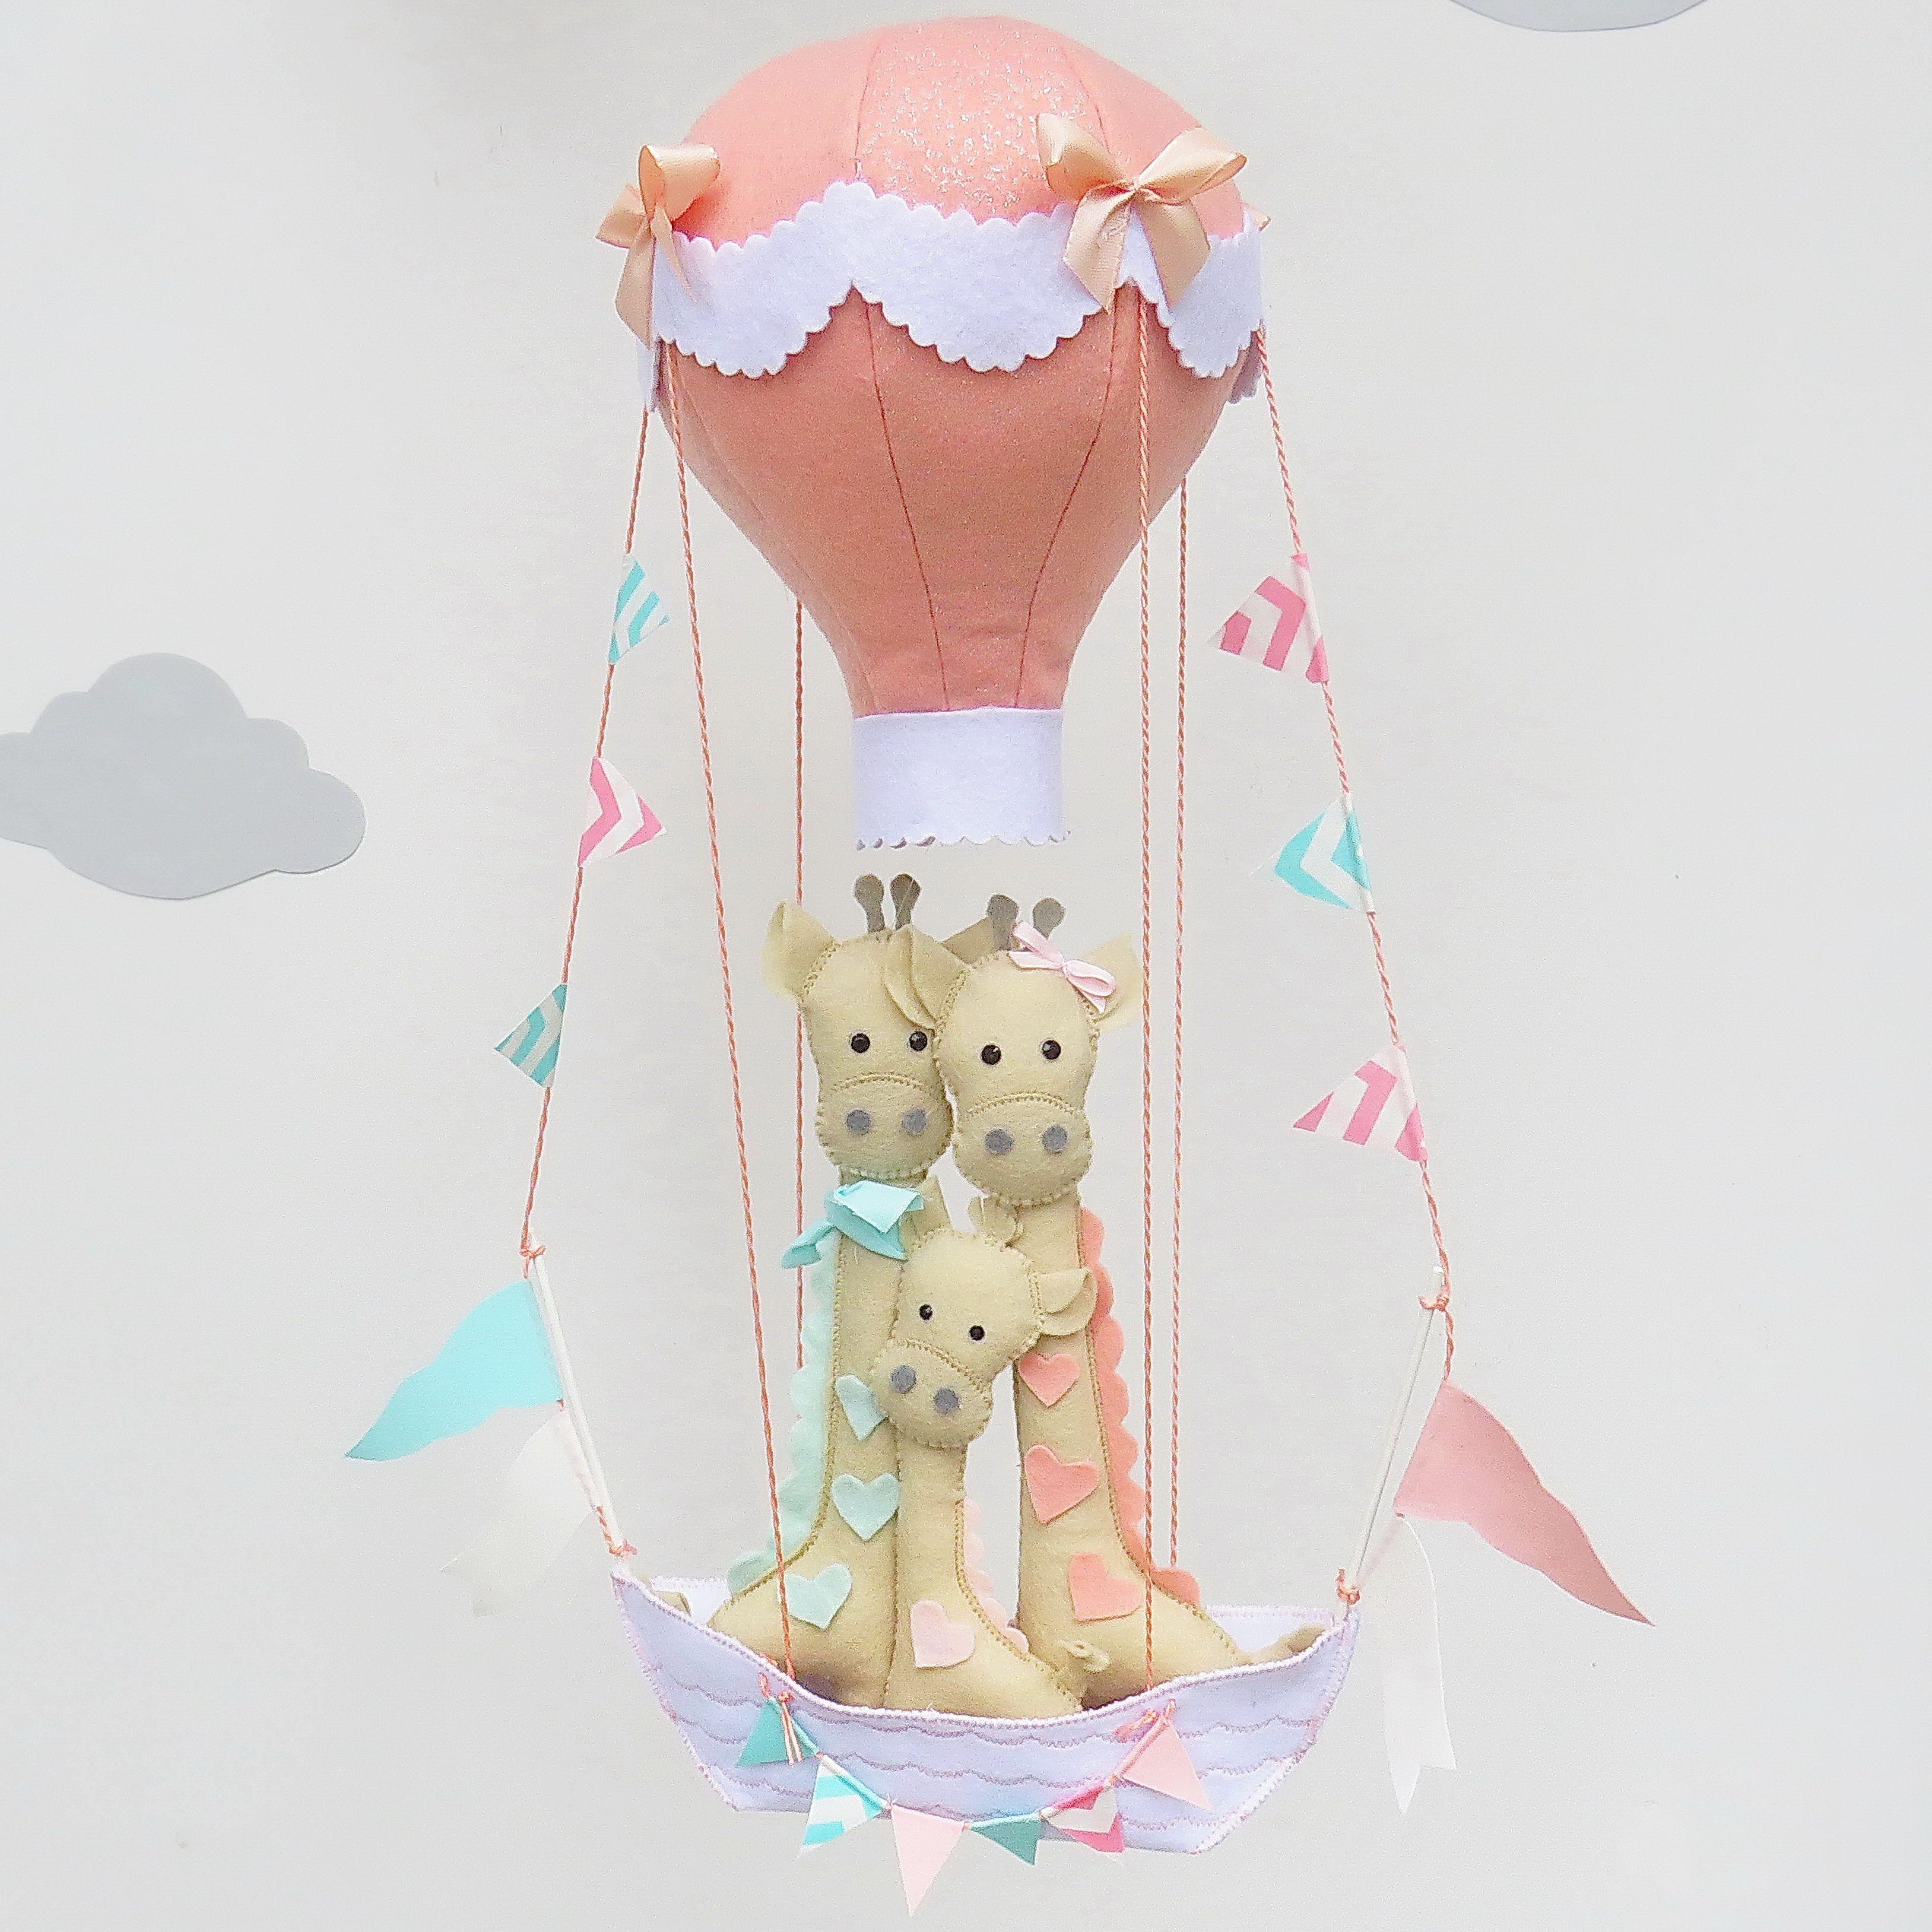 felt mobile baby decor giraffe balloon nursery